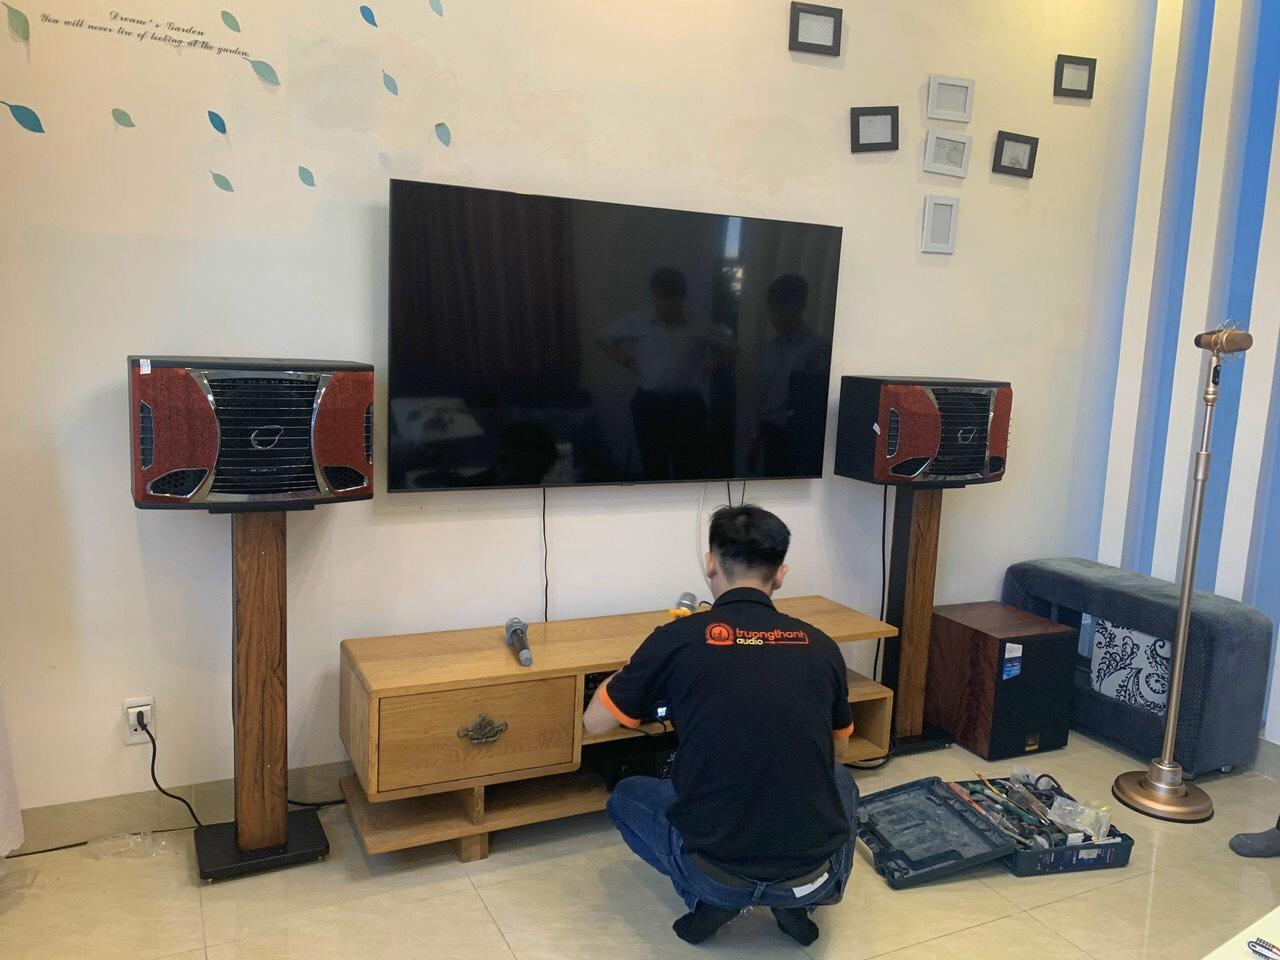 Lắp đặt bộ dàn karaoke gia đình TT-503GD tại TP Vũng Tàu 1